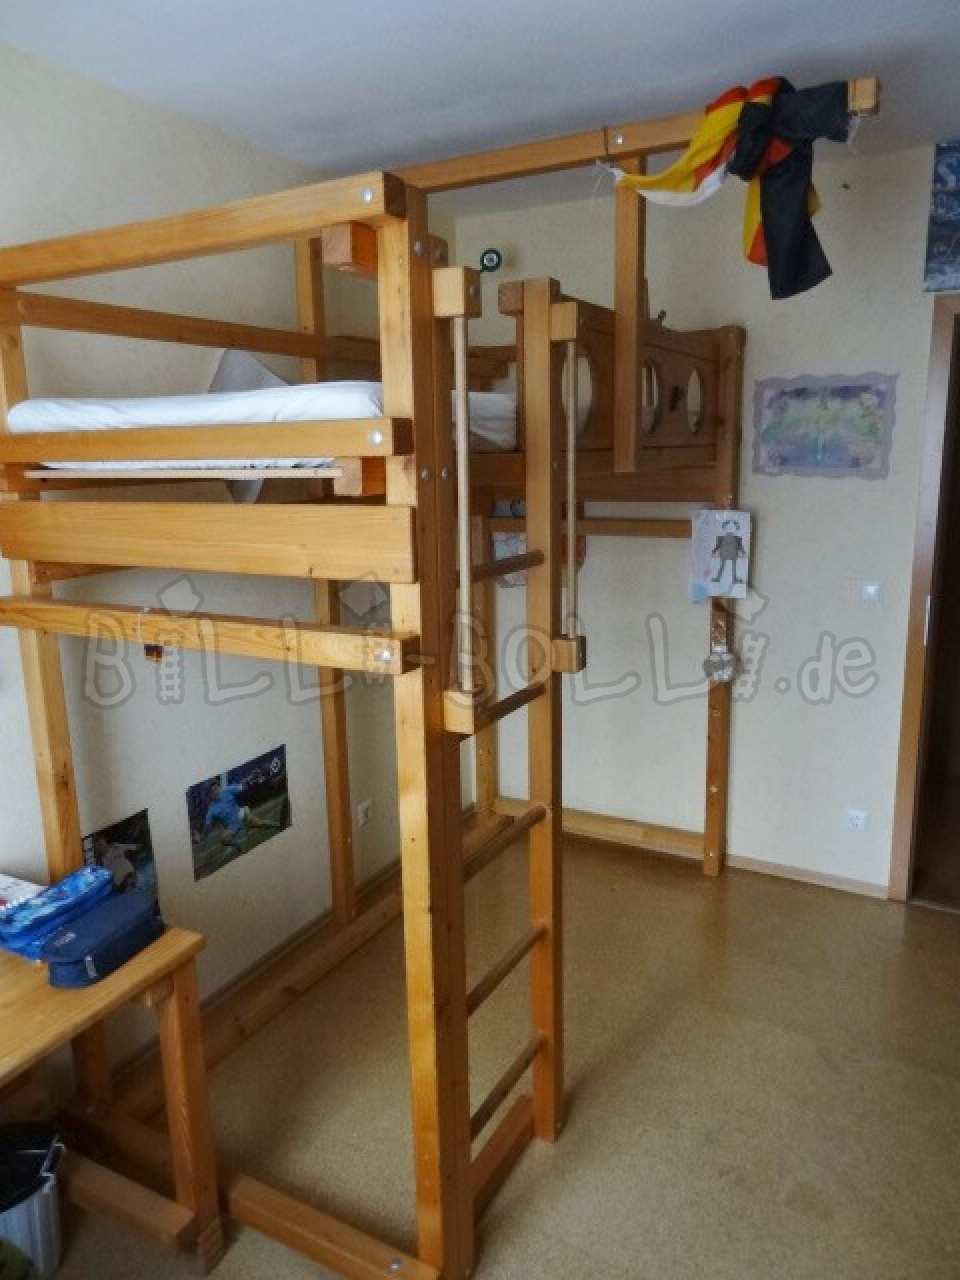 secondhand seite 21 billi bolli kinderm bel. Black Bedroom Furniture Sets. Home Design Ideas